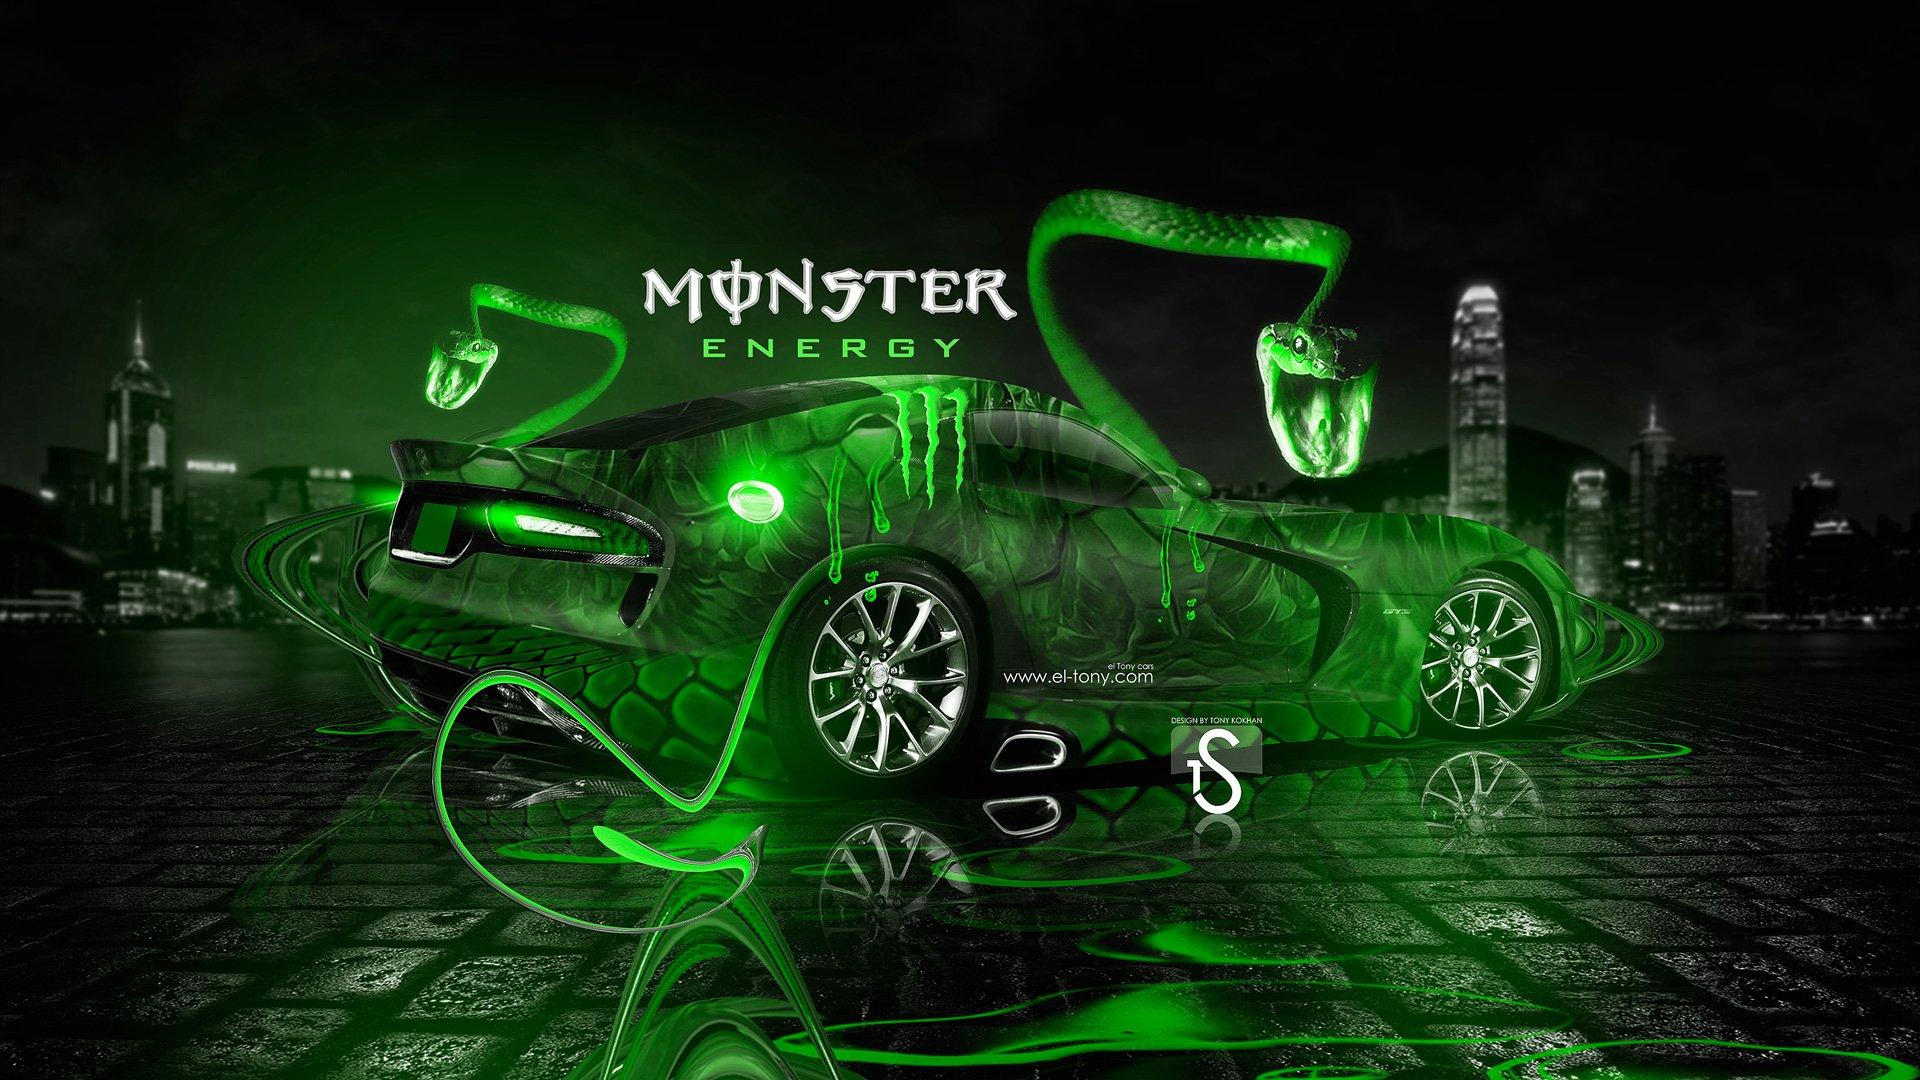 Monster Energy Dodge Viper SRT V Fantasy Snake City Car 2013 Green 1920x1080